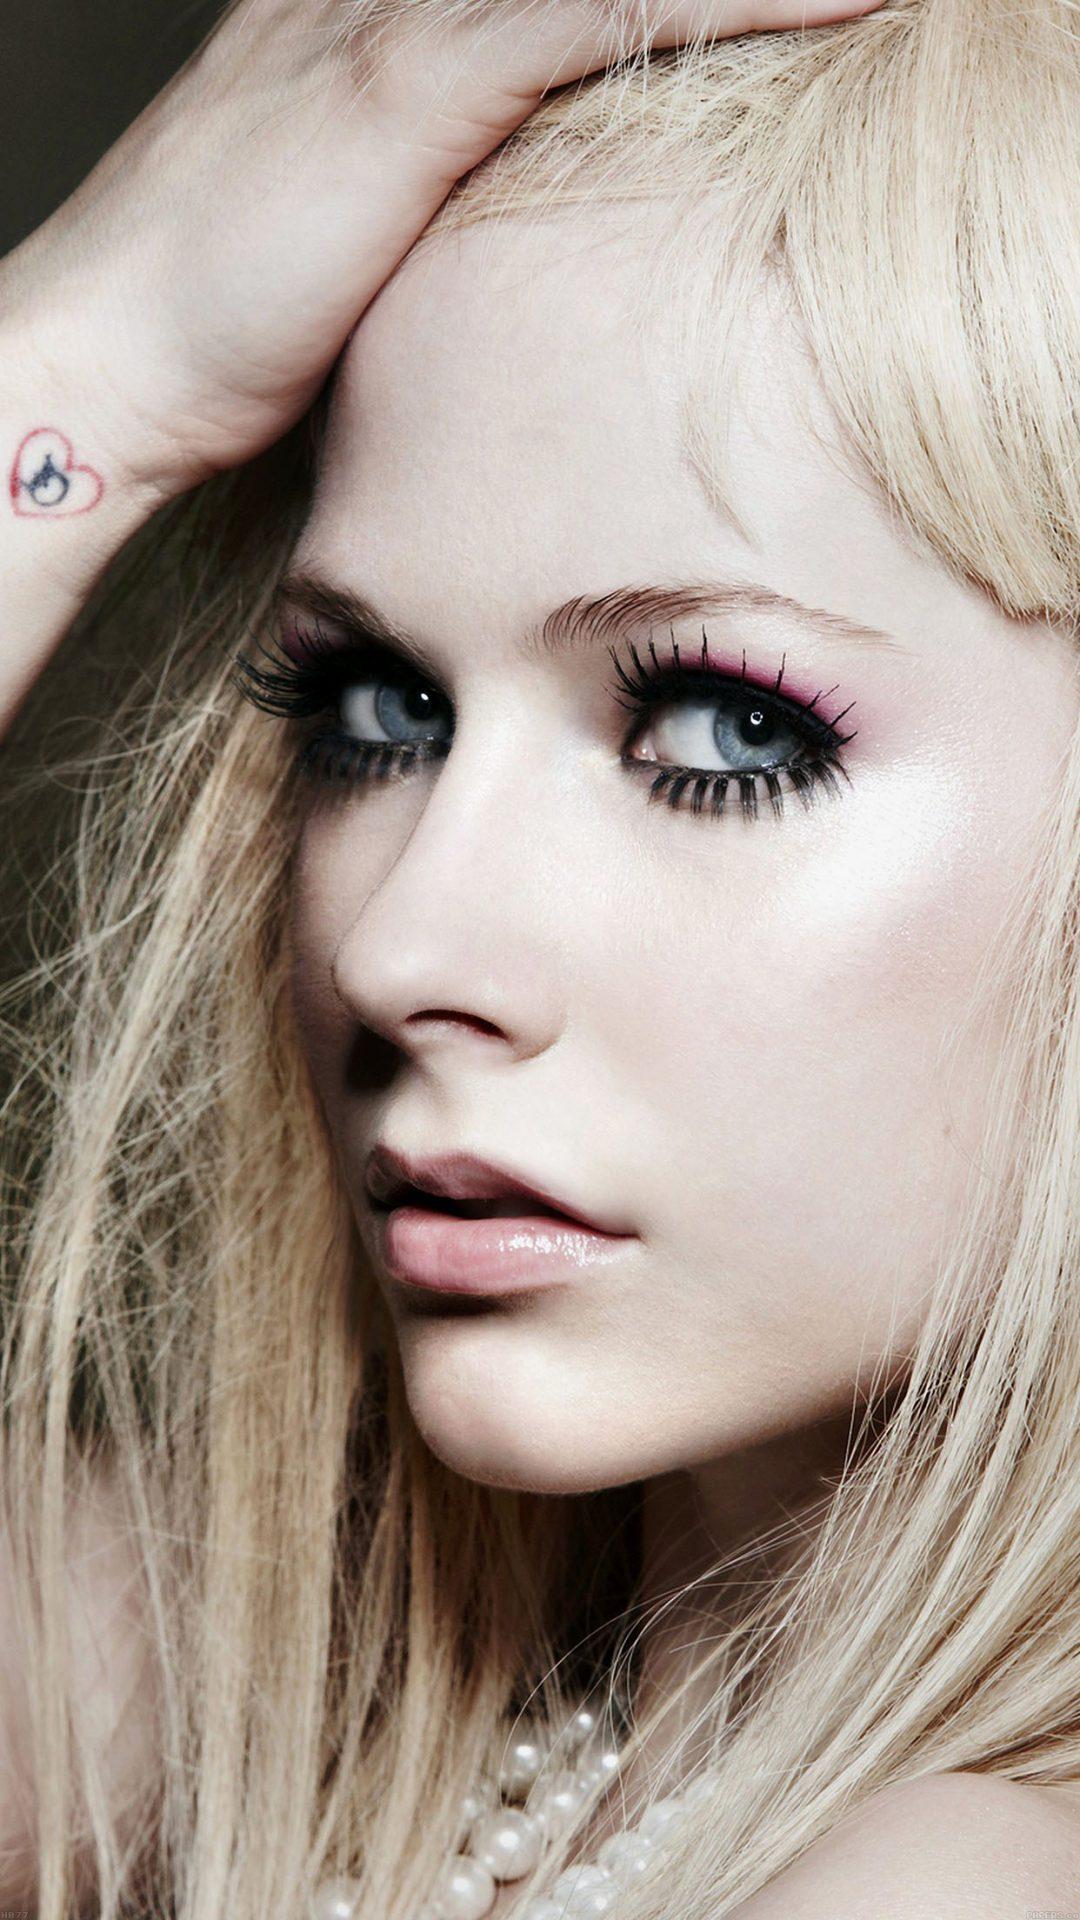 Avril Lavigne Singer Songwriter